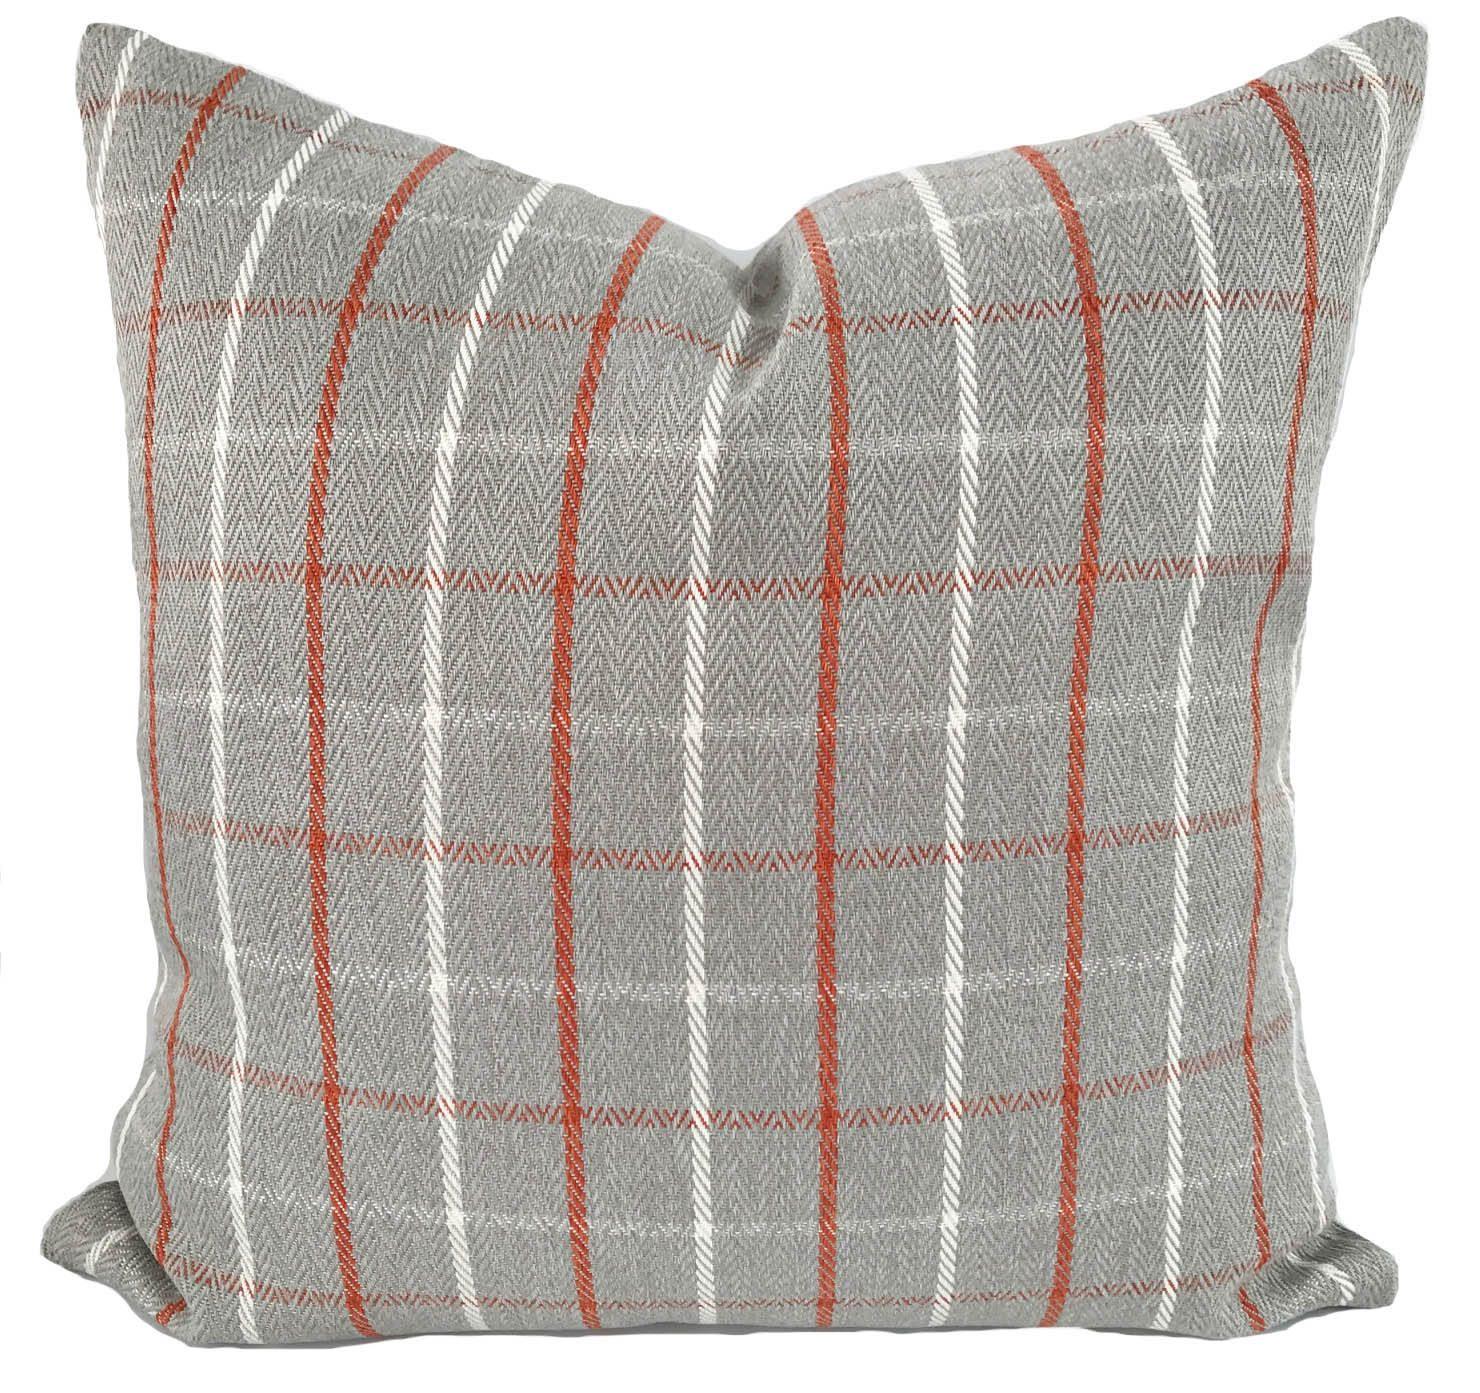 row mercury wayfair lumbar reviews pillow tessa decor orange corded pillows pdp